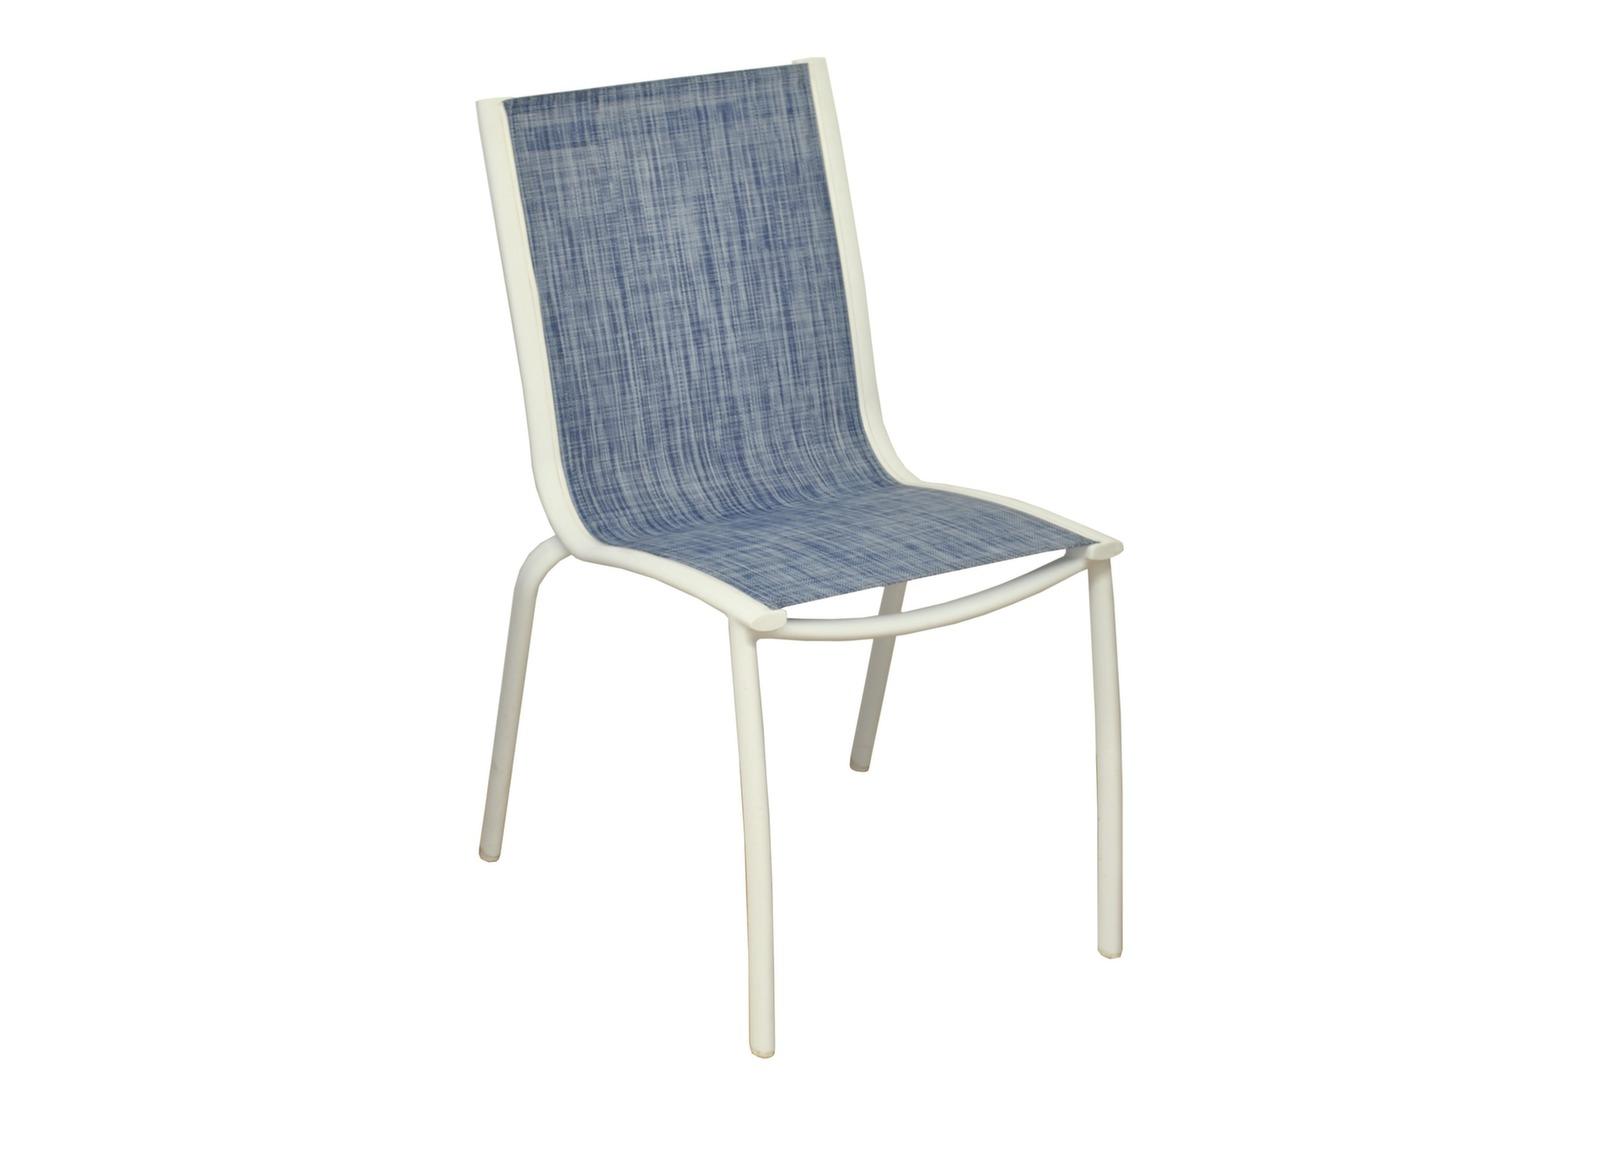 Chaise de jardin blanche et grise lin a proloisirs for Chaise blanche et grise